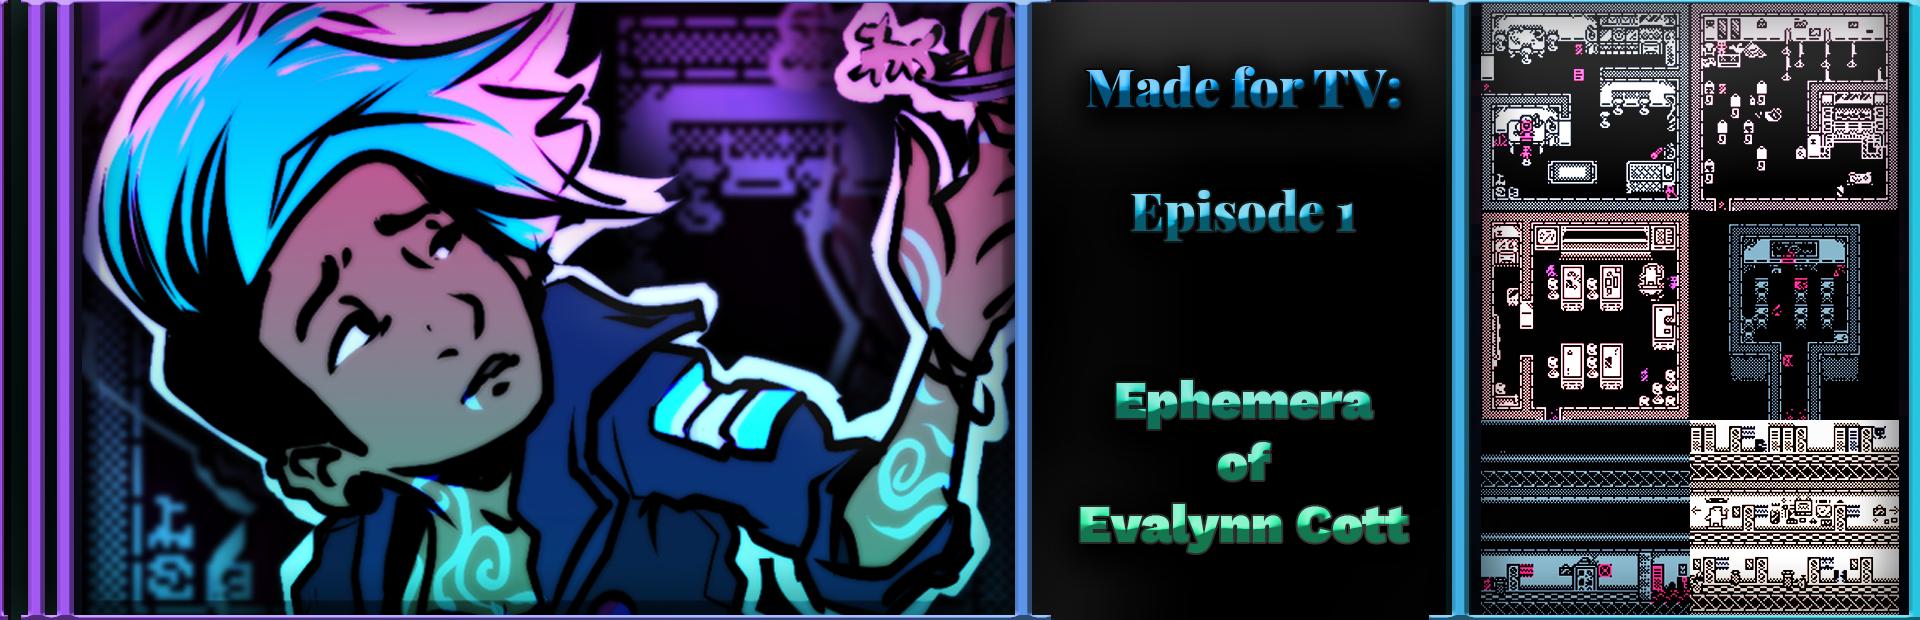 ephemera of evalynn cott